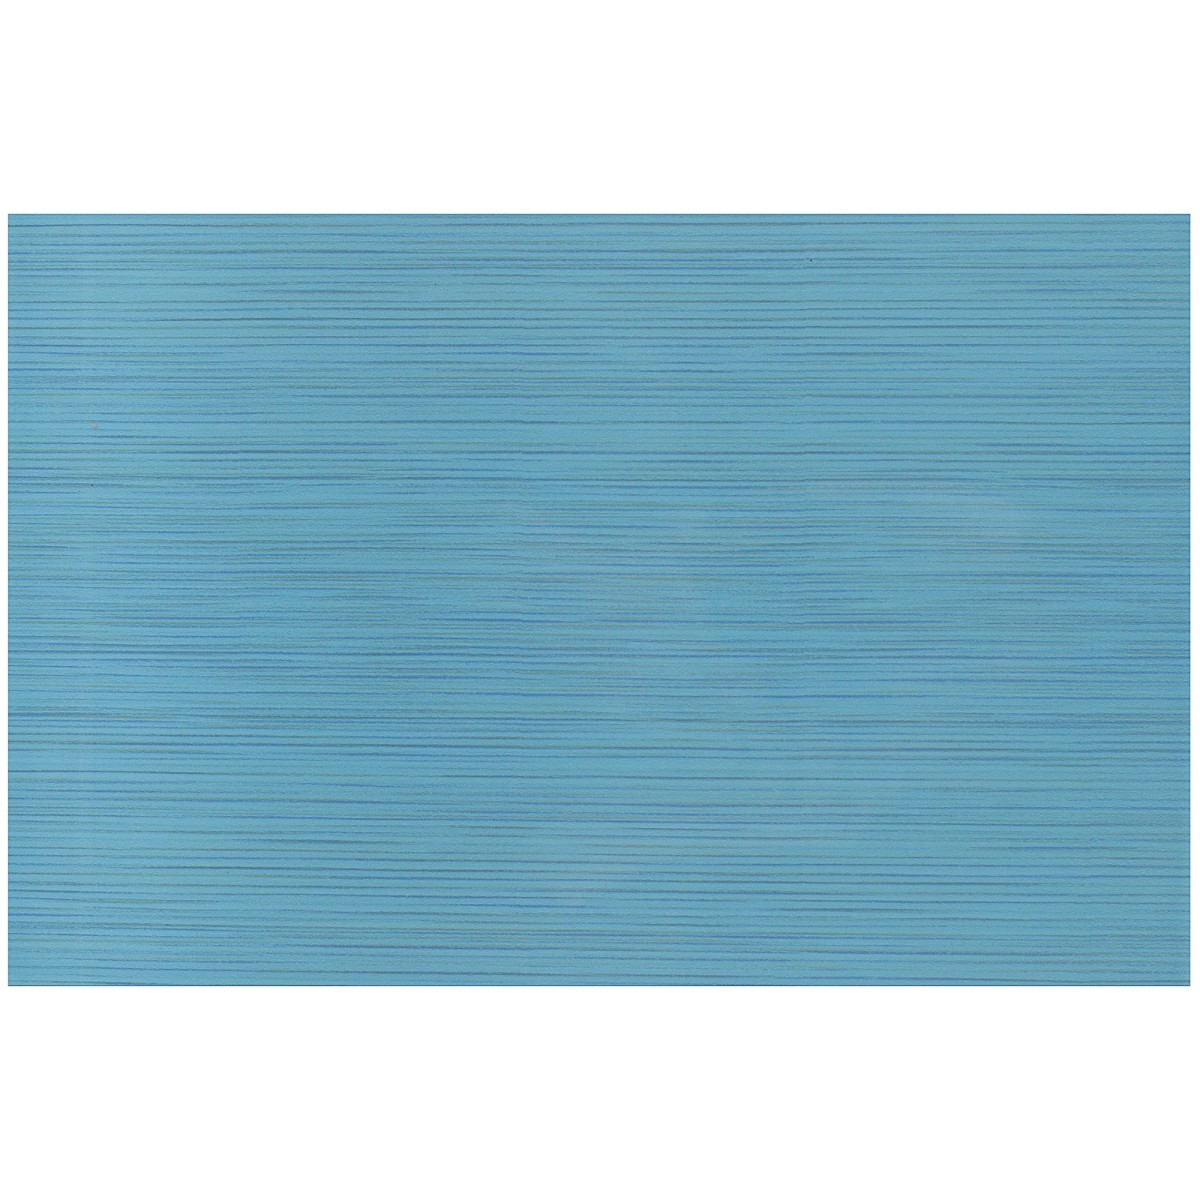 Плитка настенная Reef 20х30 см 1.08 м2 цвет лазурный